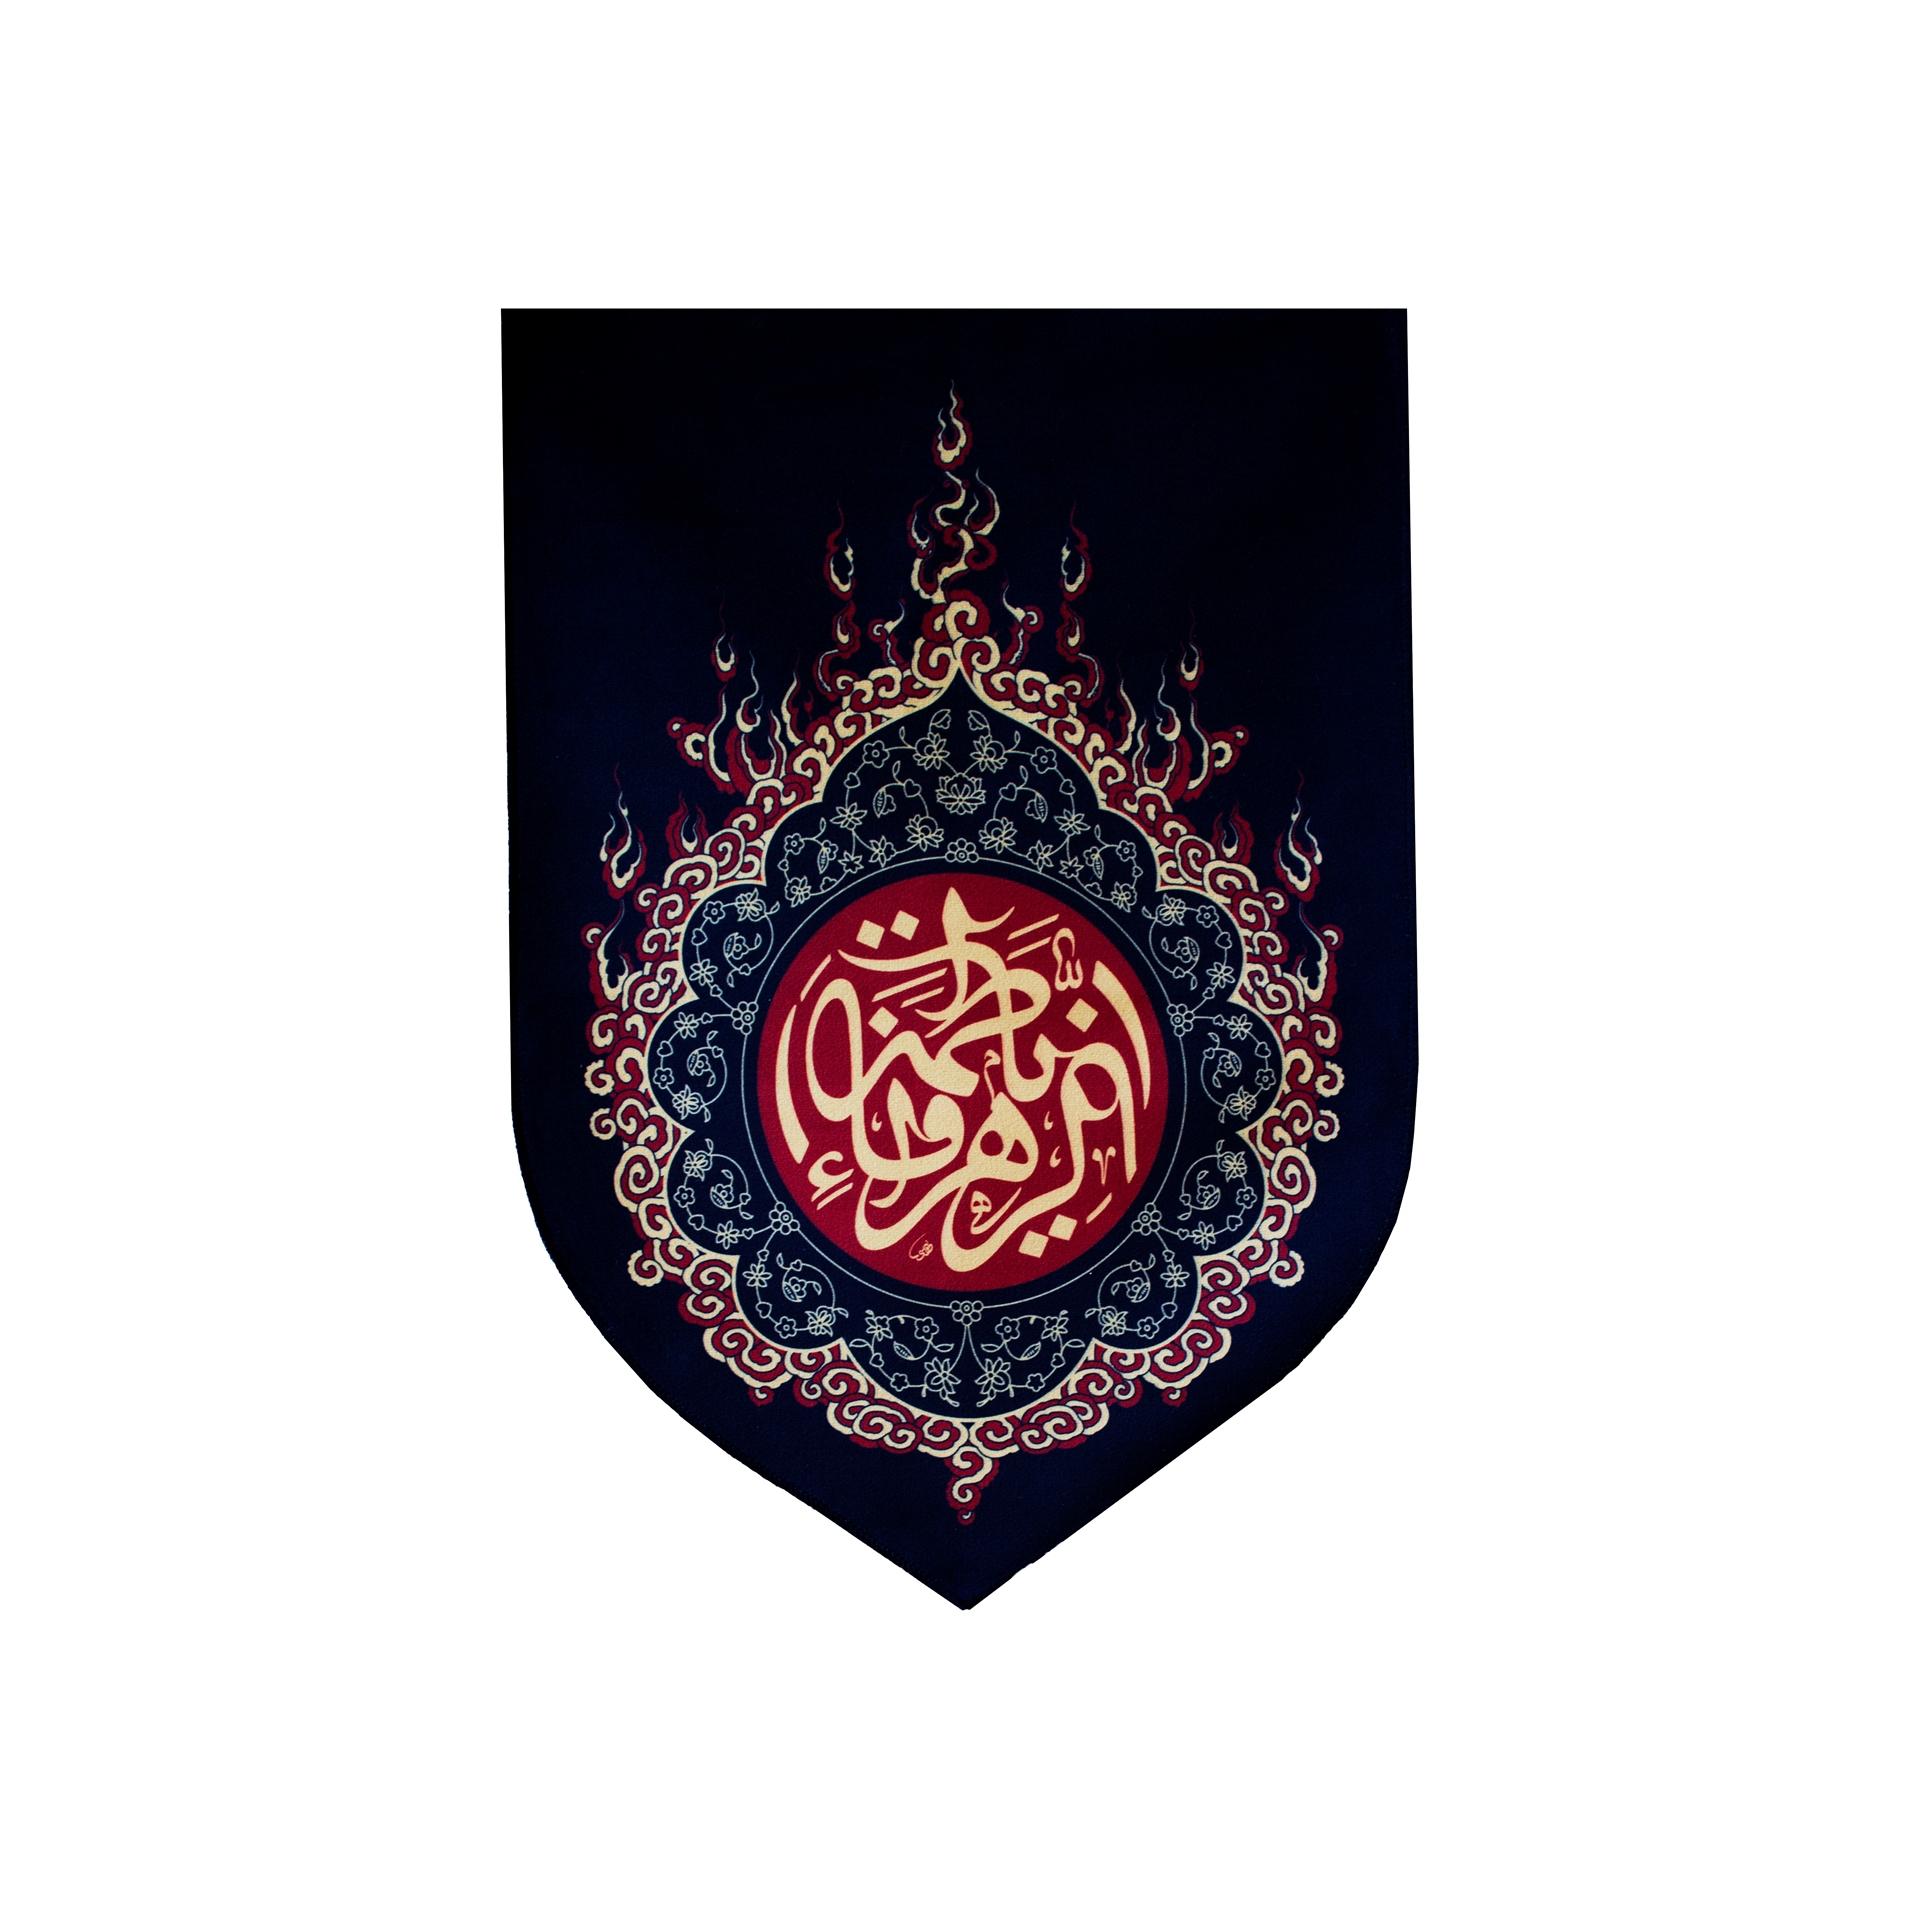 تصویر از بیرق خانگی «یا فاطمه الزهرا»